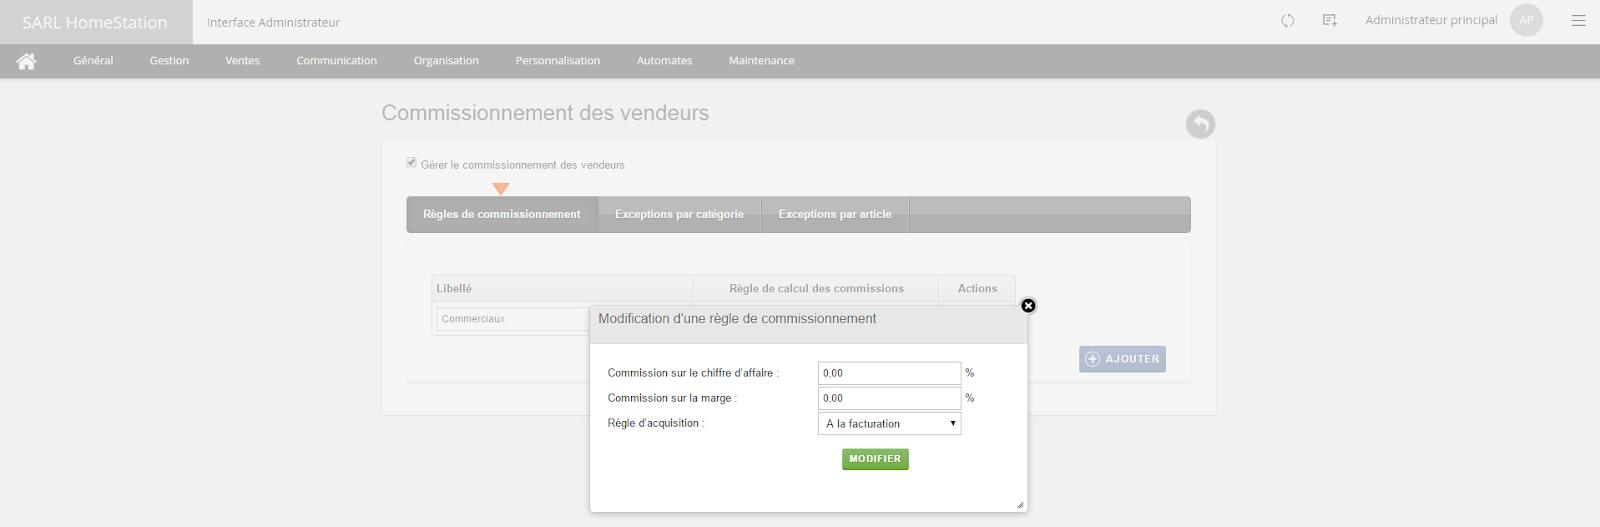 Pop-up_commissionnement_vendeur.png